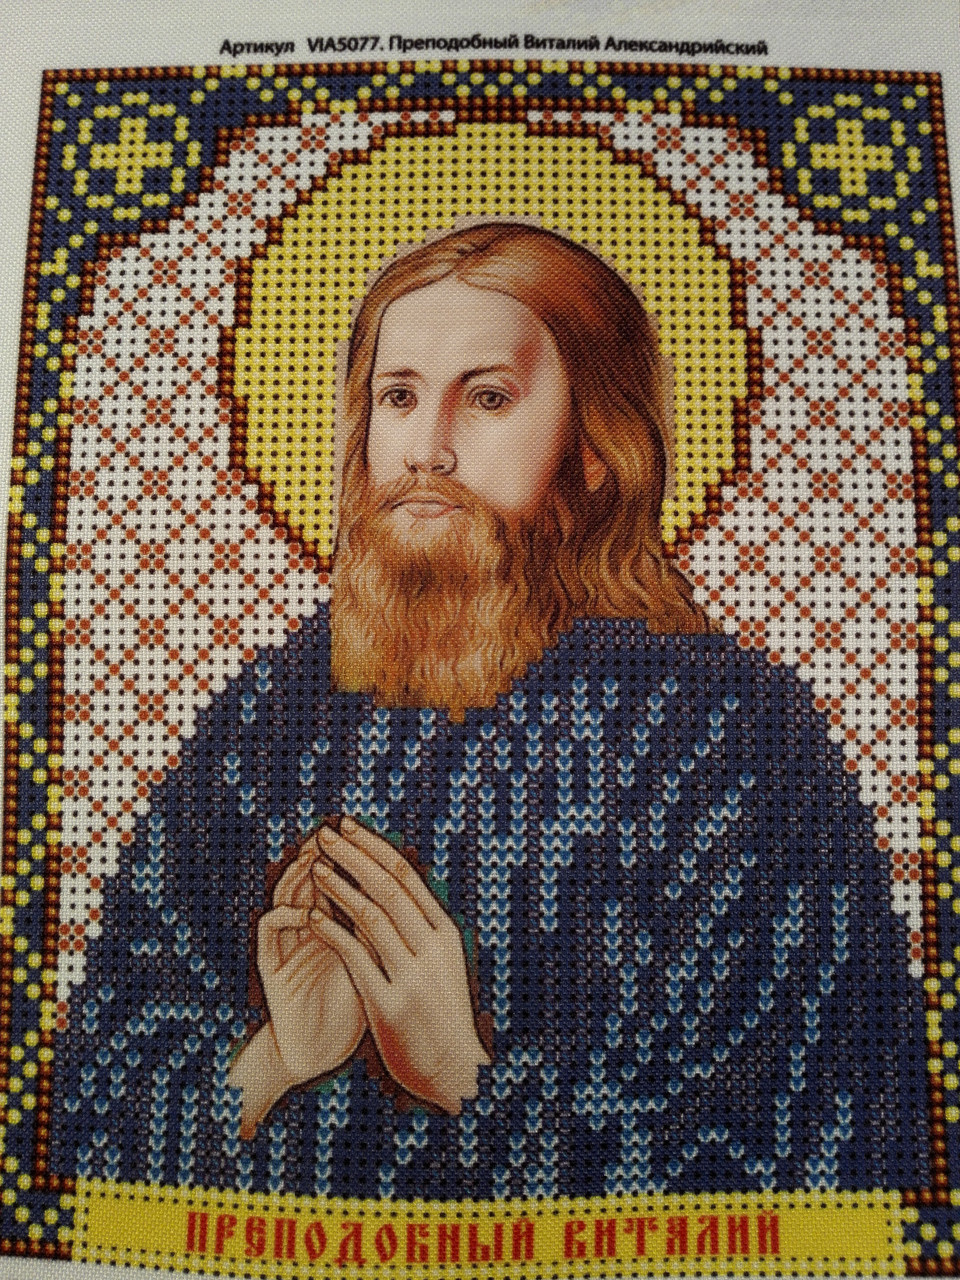 Набор для вышивки бисером икона Преподобный Виталий Александрийский VIA 5077